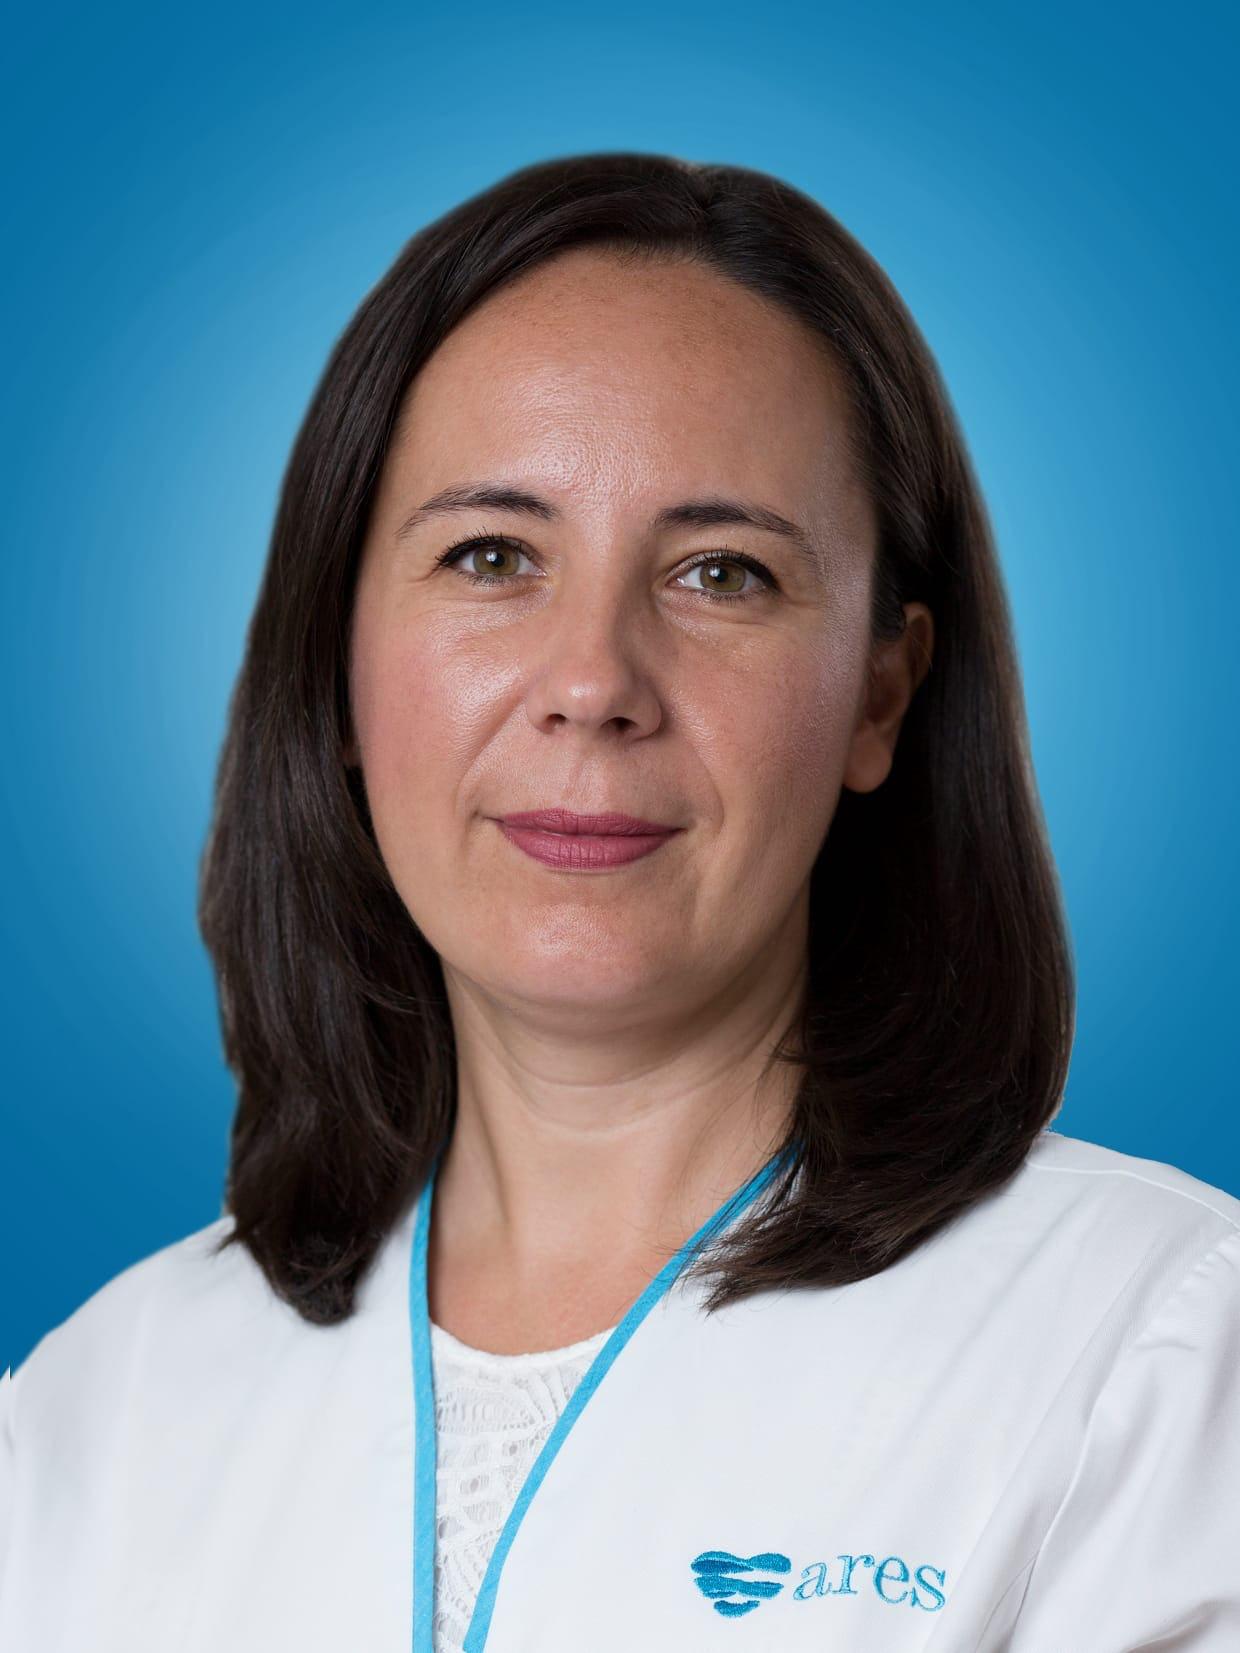 Doctor Alexandra Postu, medic primar cardiolog la Centrele Ares